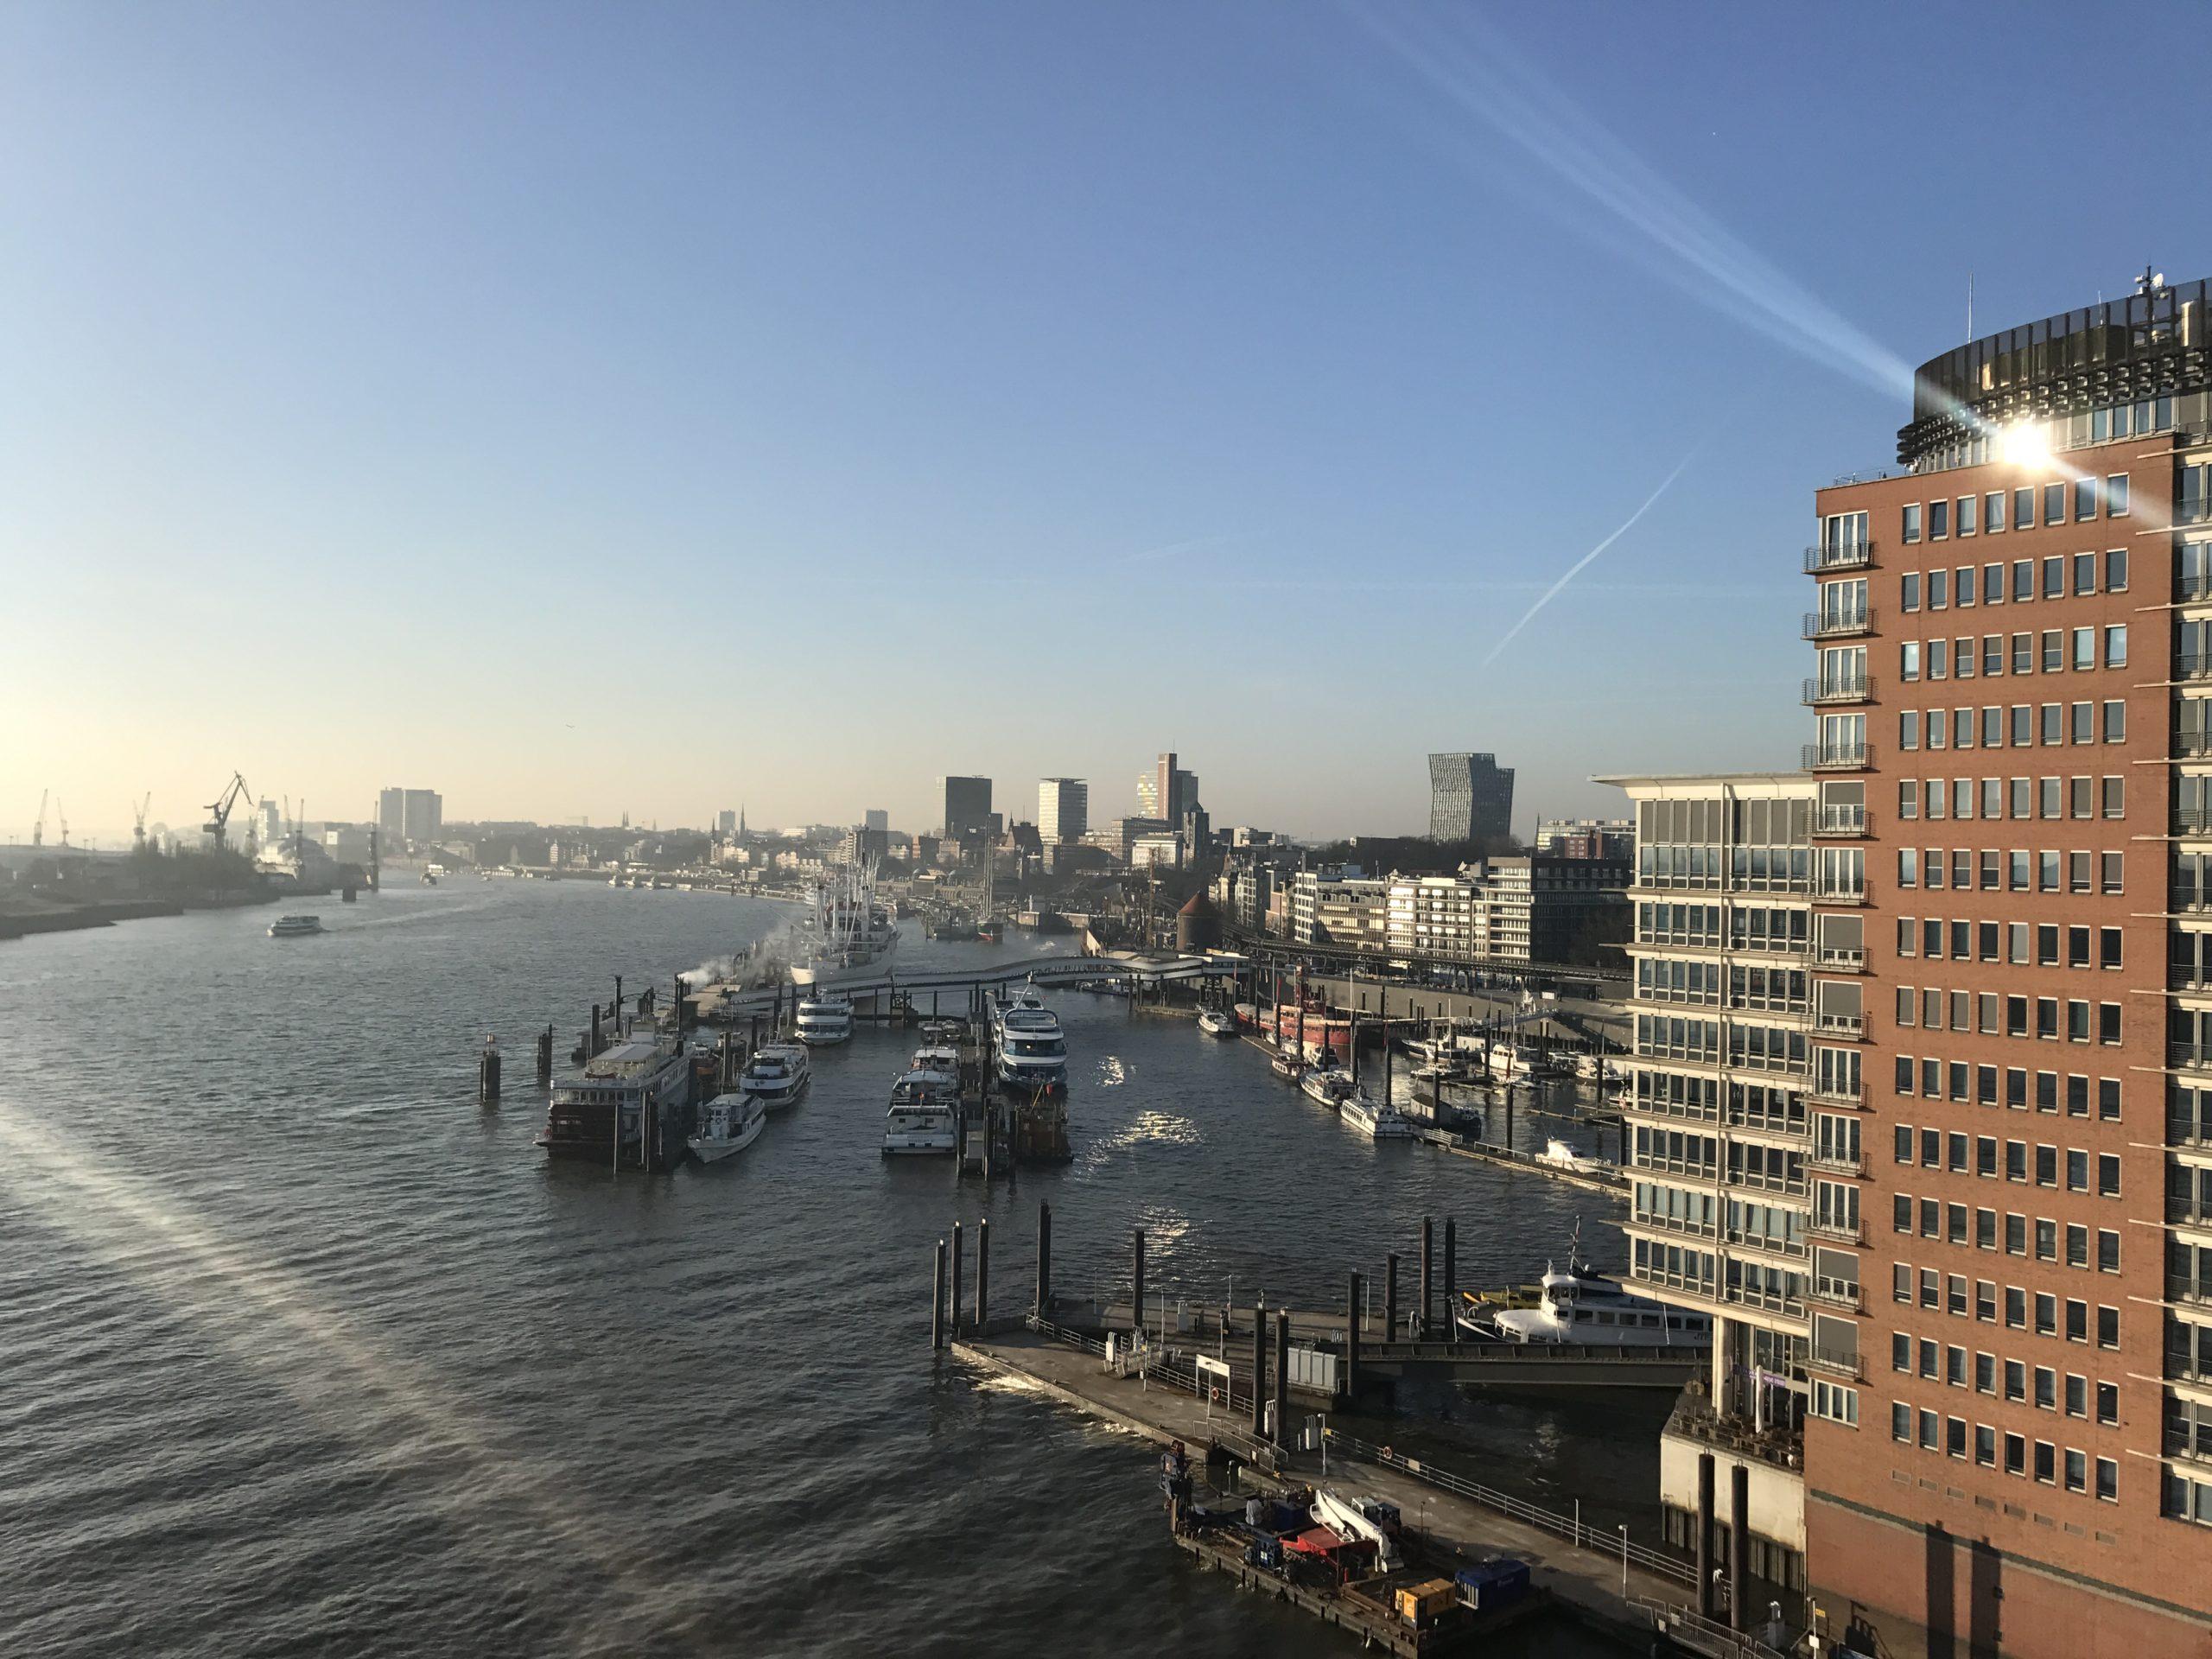 Hamburg ist eioner der touristischen Hotspots Europas - wenn nicht der ganzen welt